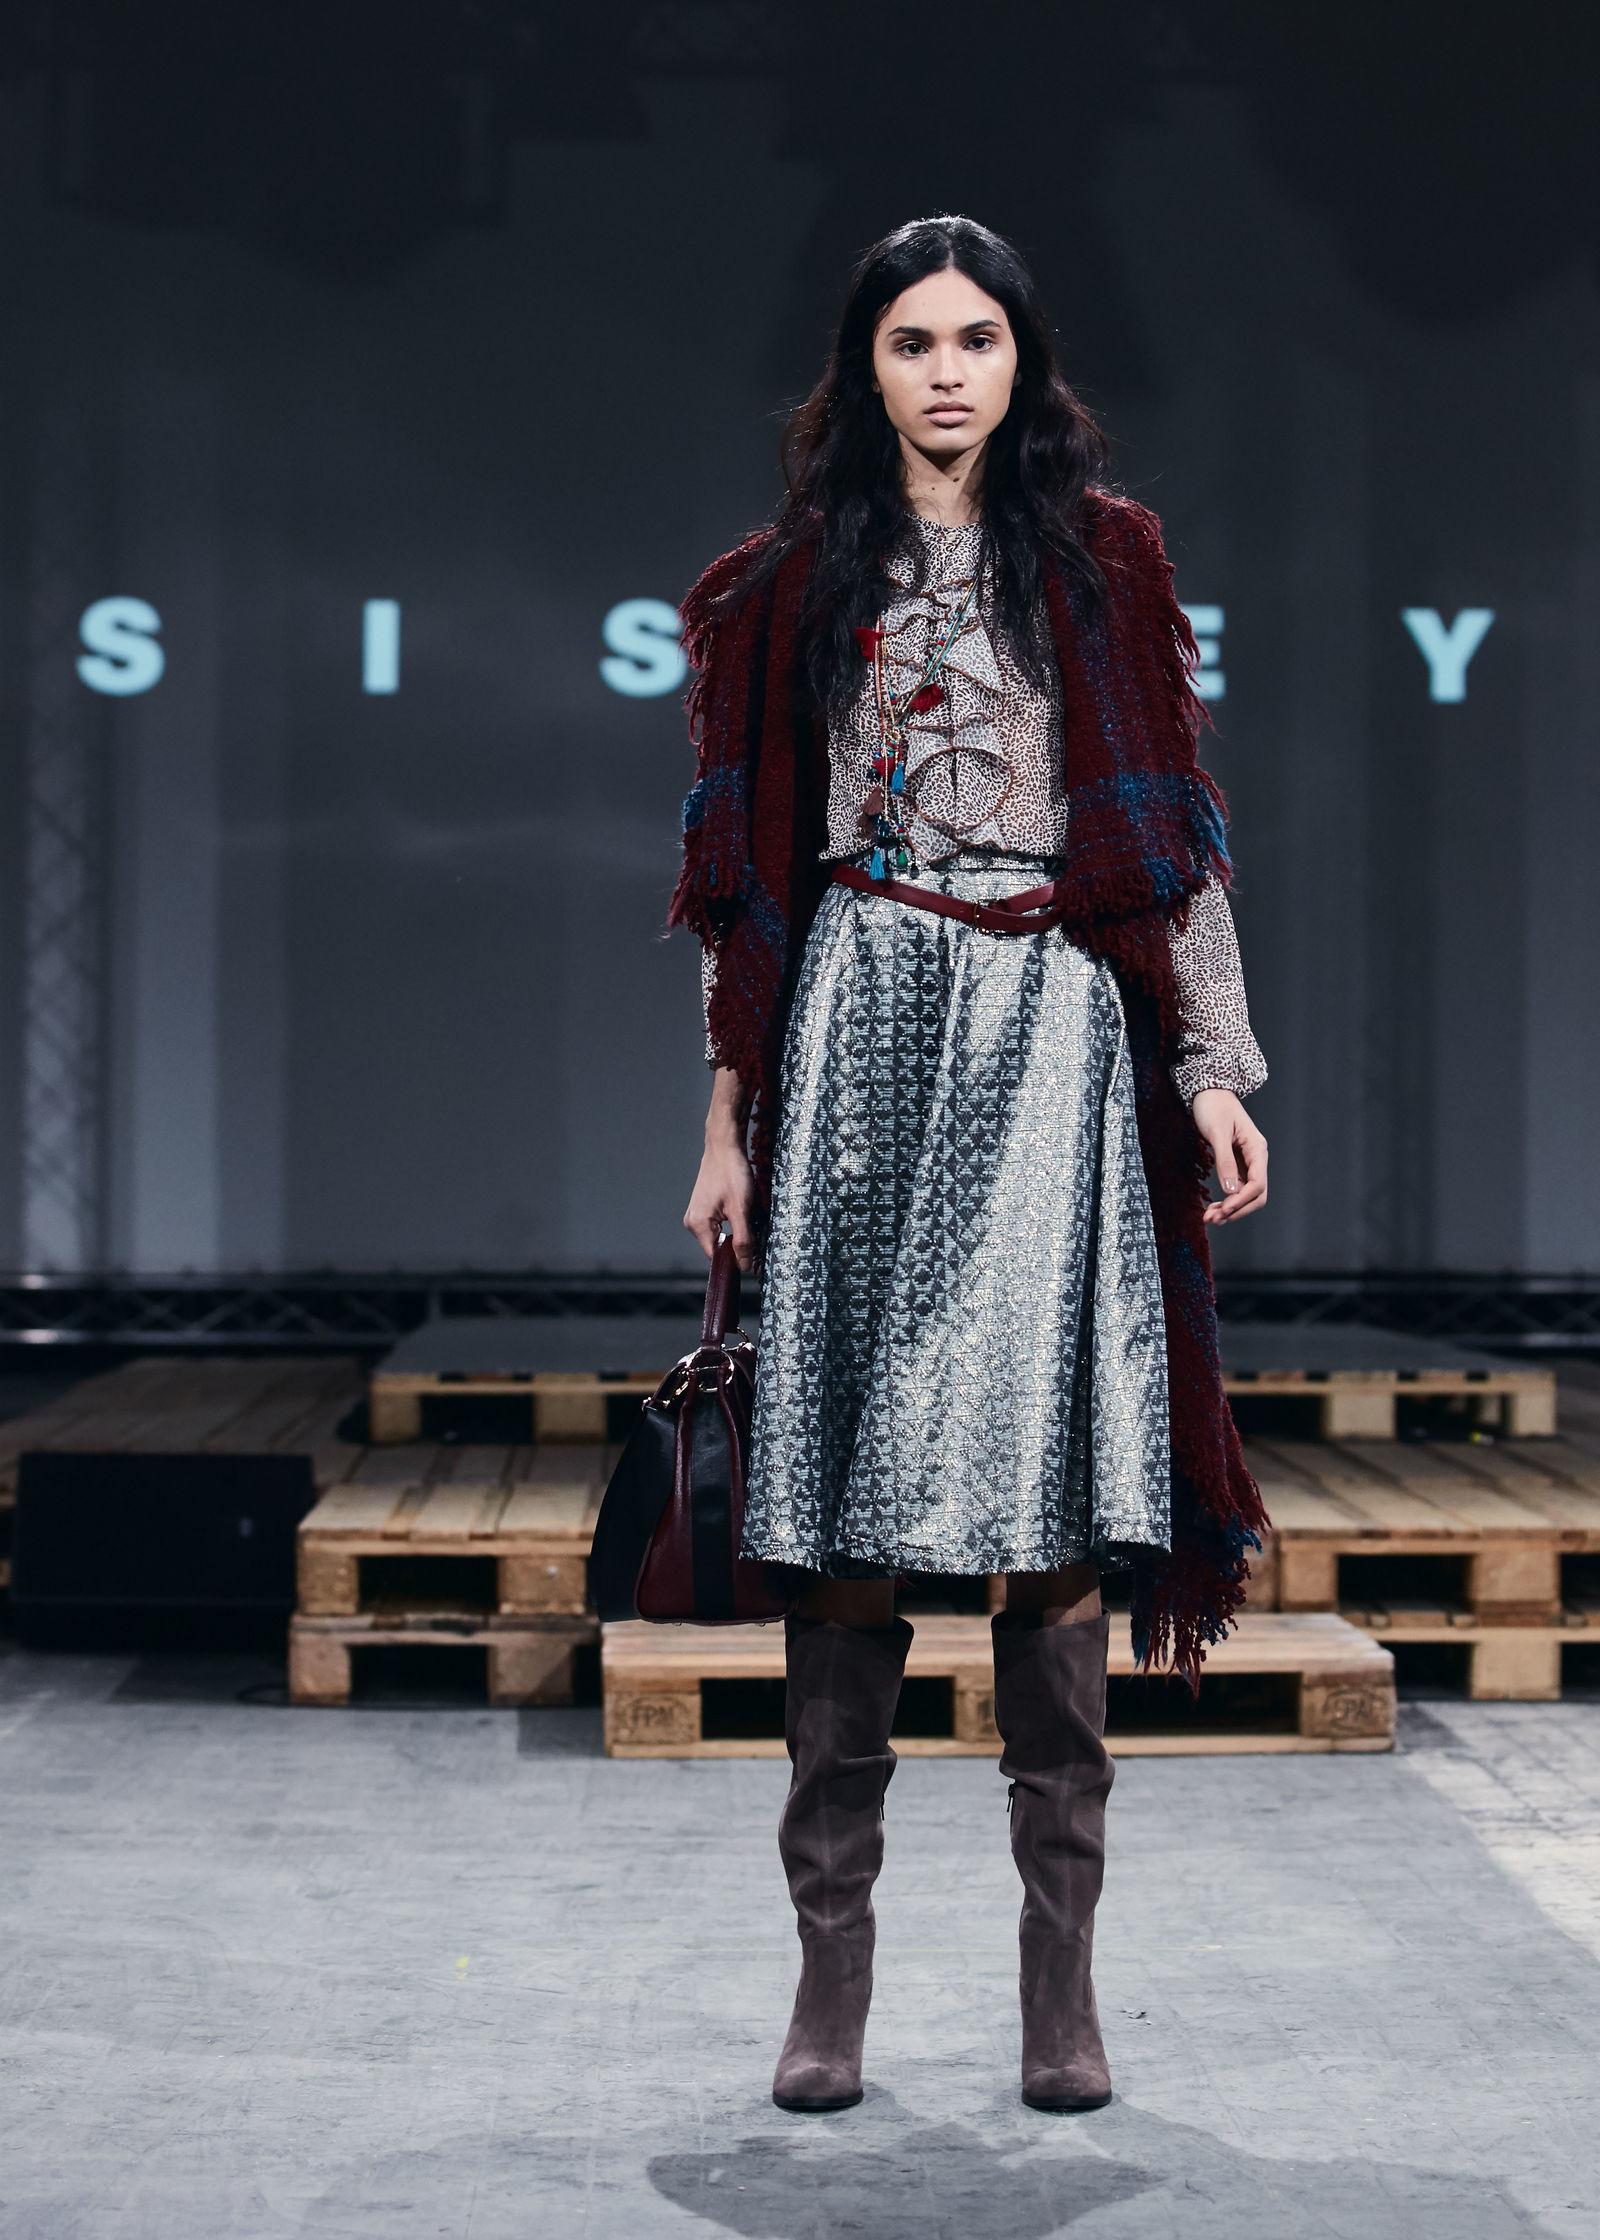 SISLEY (Image 7)